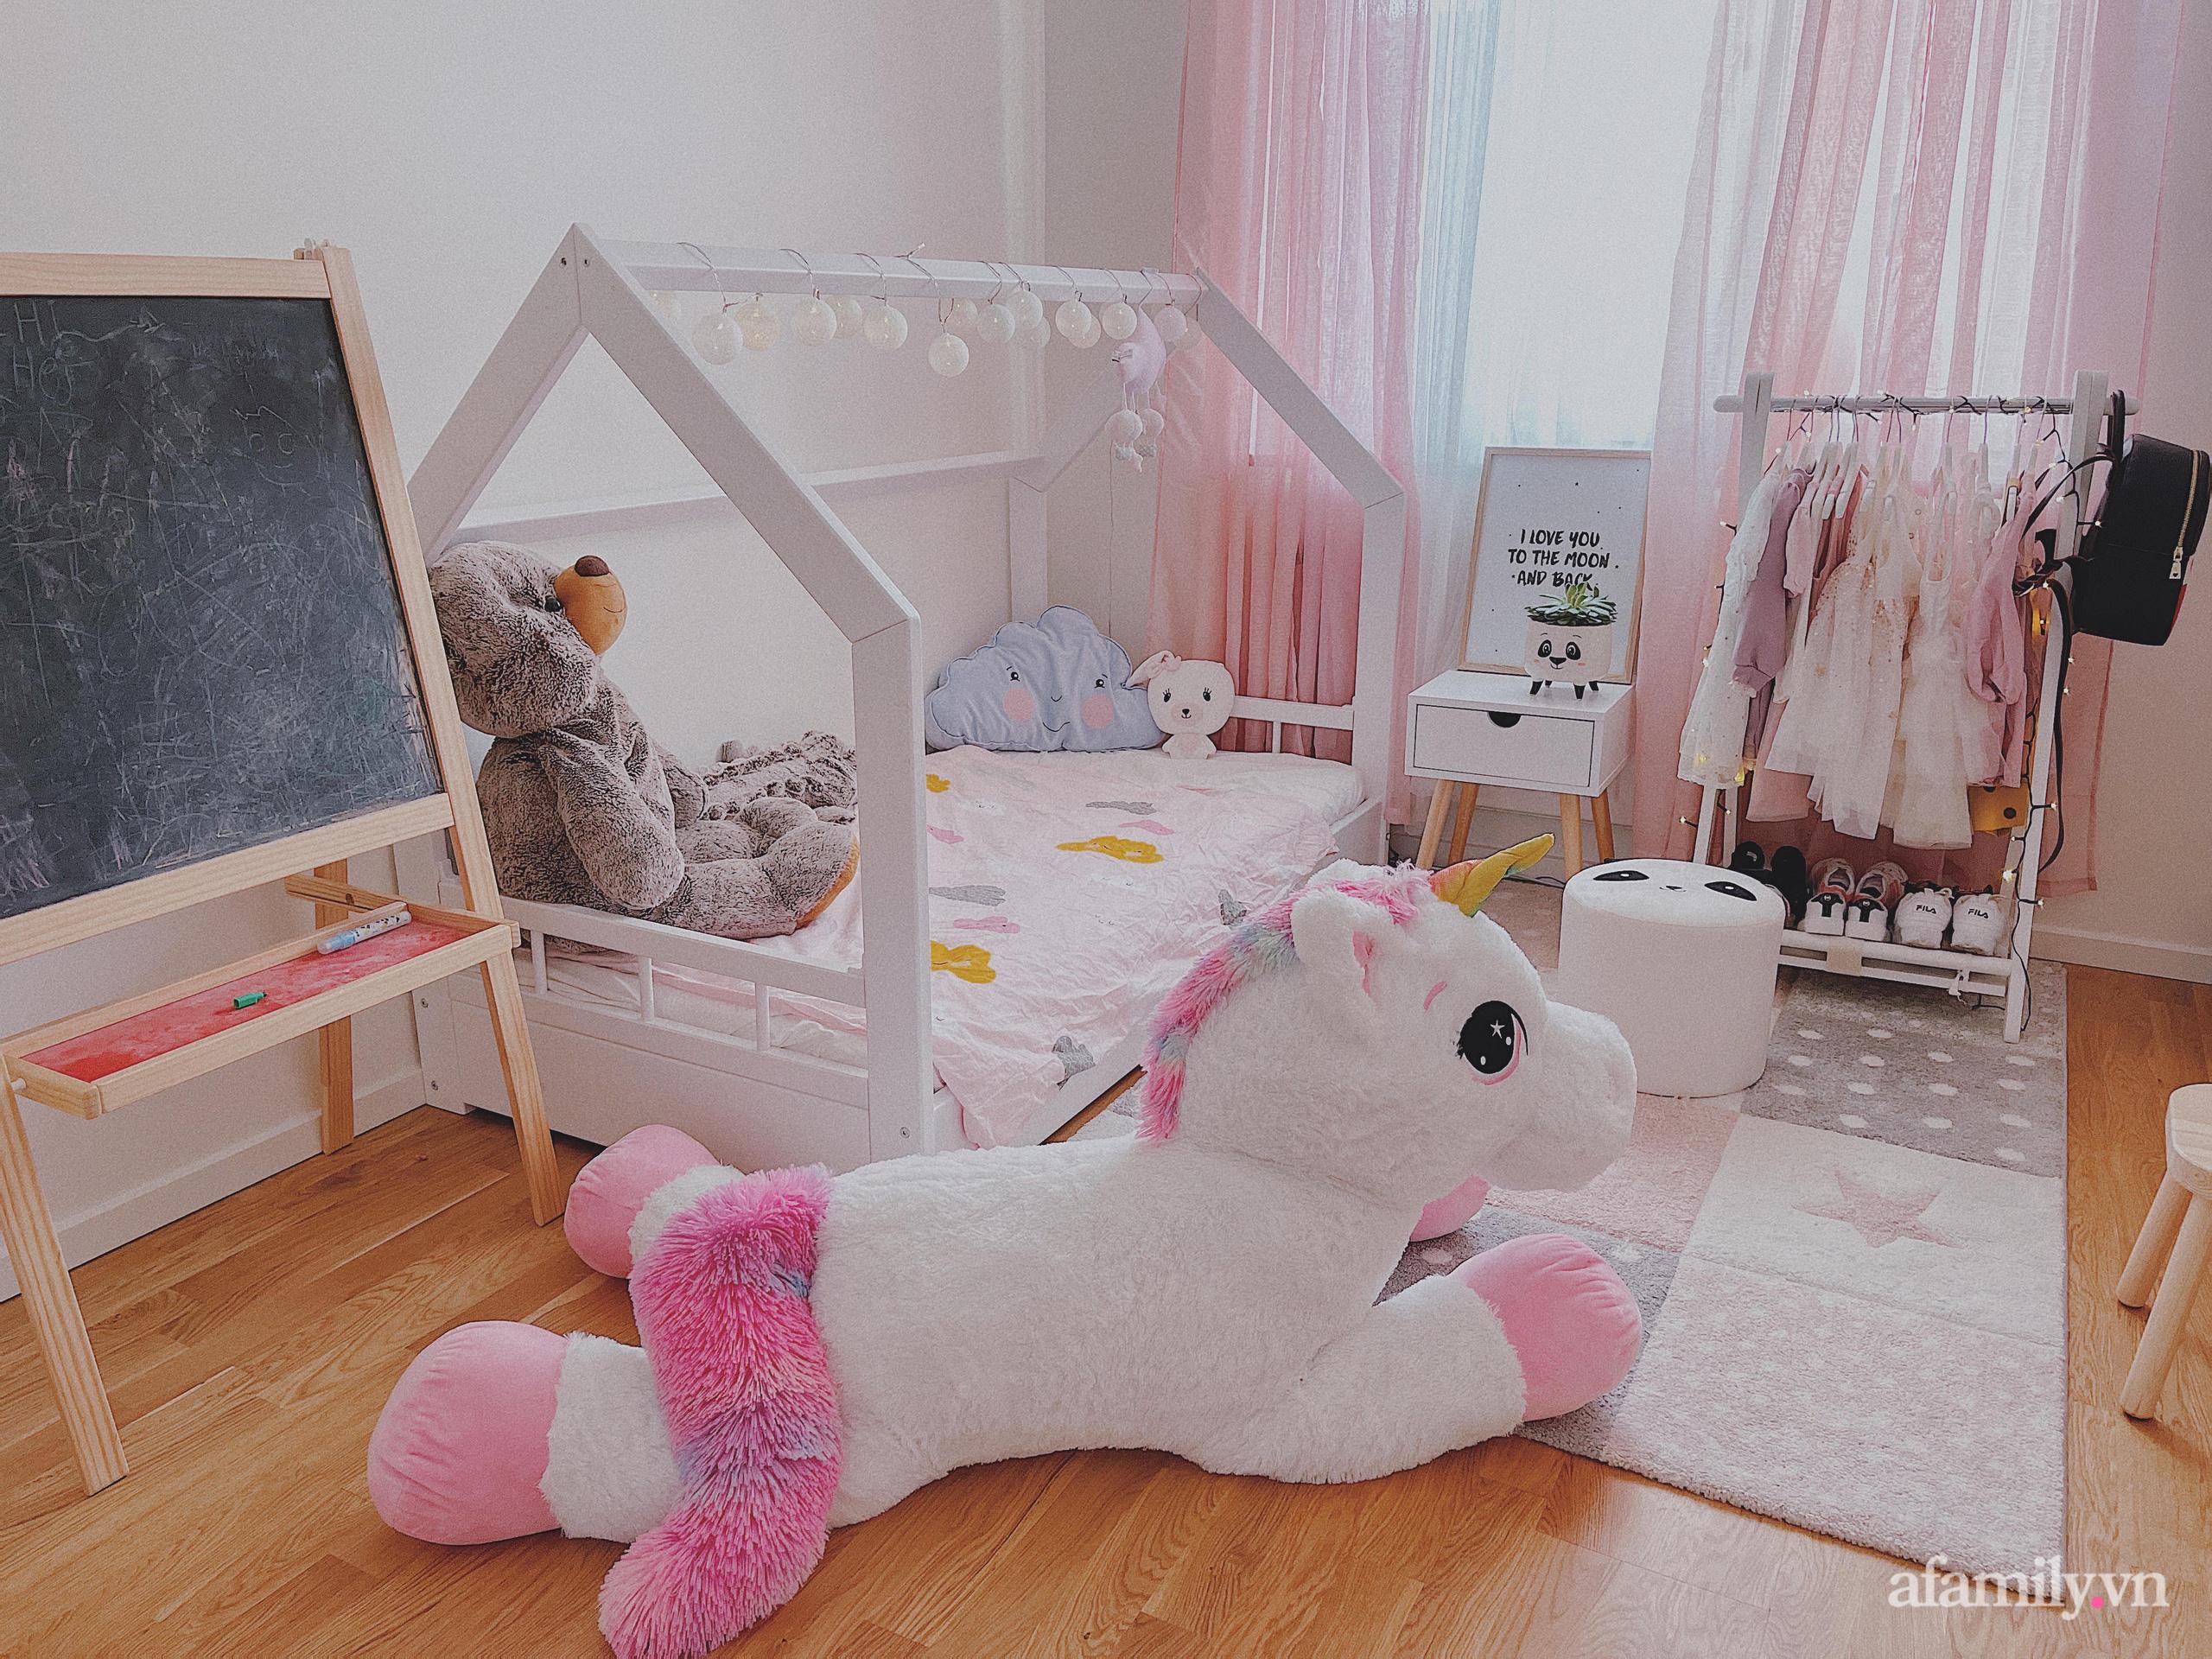 """Căn phòng màu hồng ngọt ngào """"lịm tim"""" bố mẹ thiết kế dành tặng con gái 3 tuổi - Ảnh 2."""